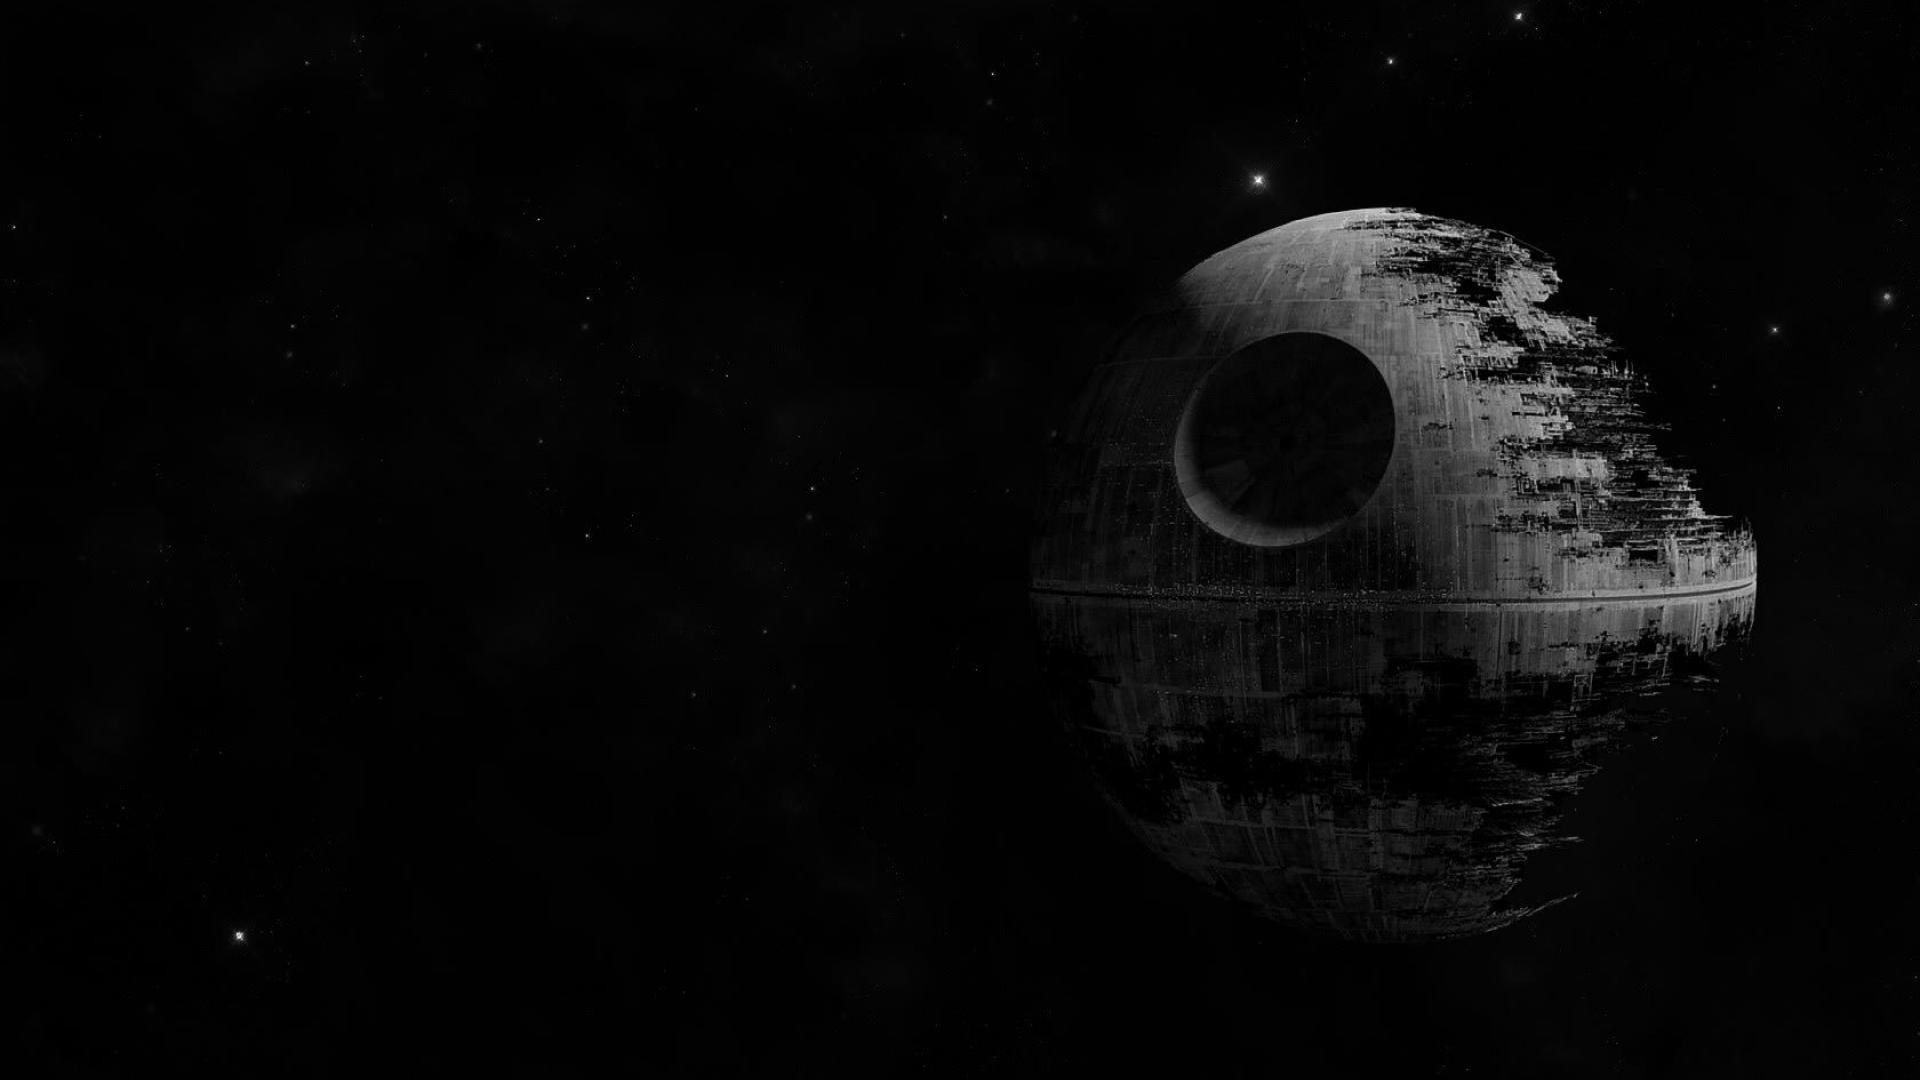 Best 25+ Star wars wallpaper ideas on Pinterest | Star war  wallpaper, Fondos de star wars and Iphone 5s wallpaper hd